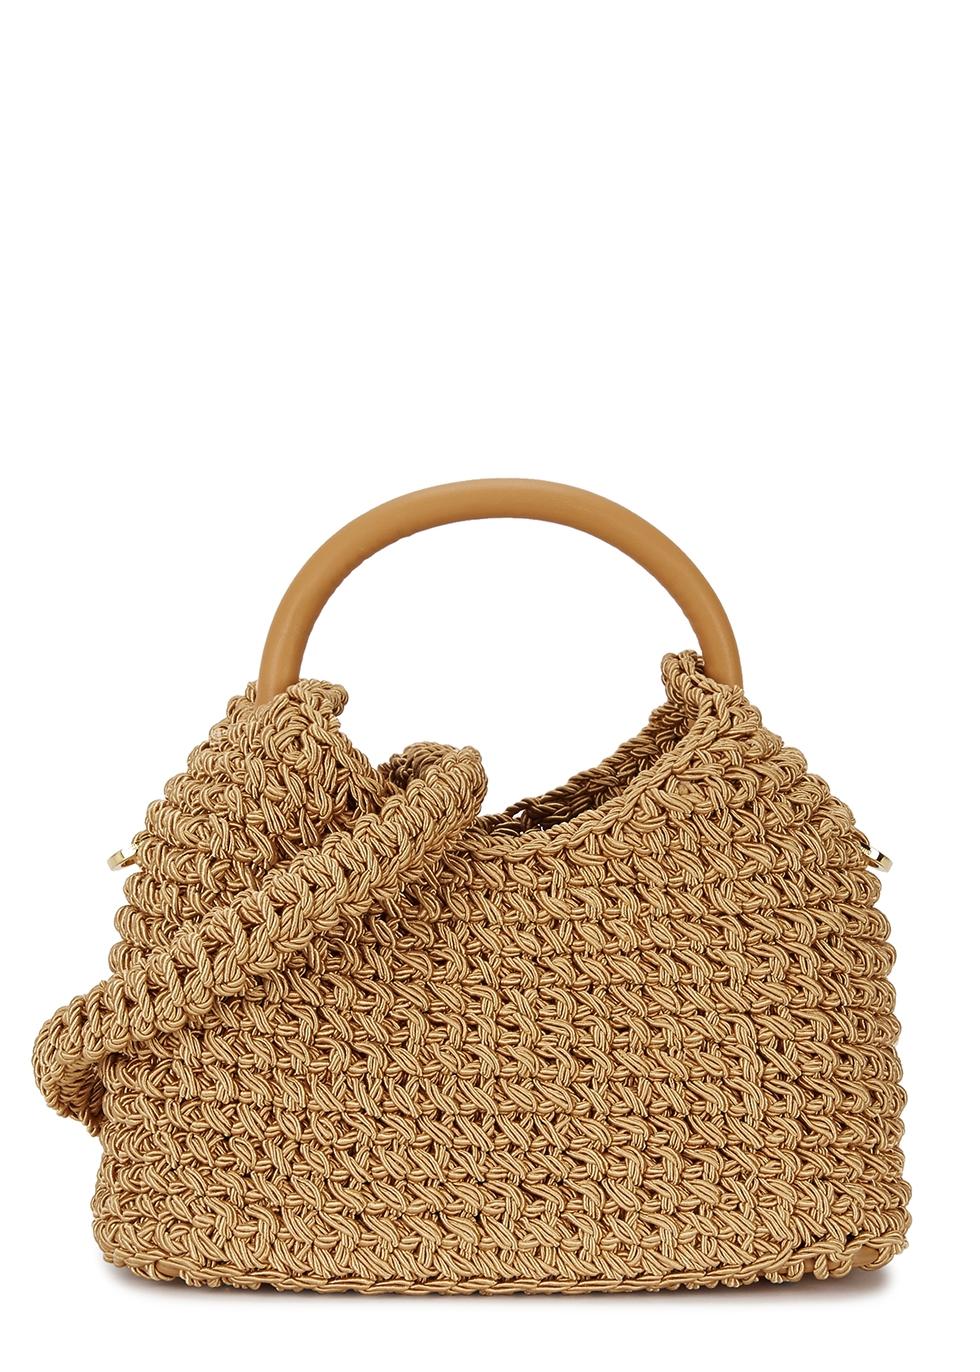 ELLEME Gold Woven Rope Shoulder Bag in Tan